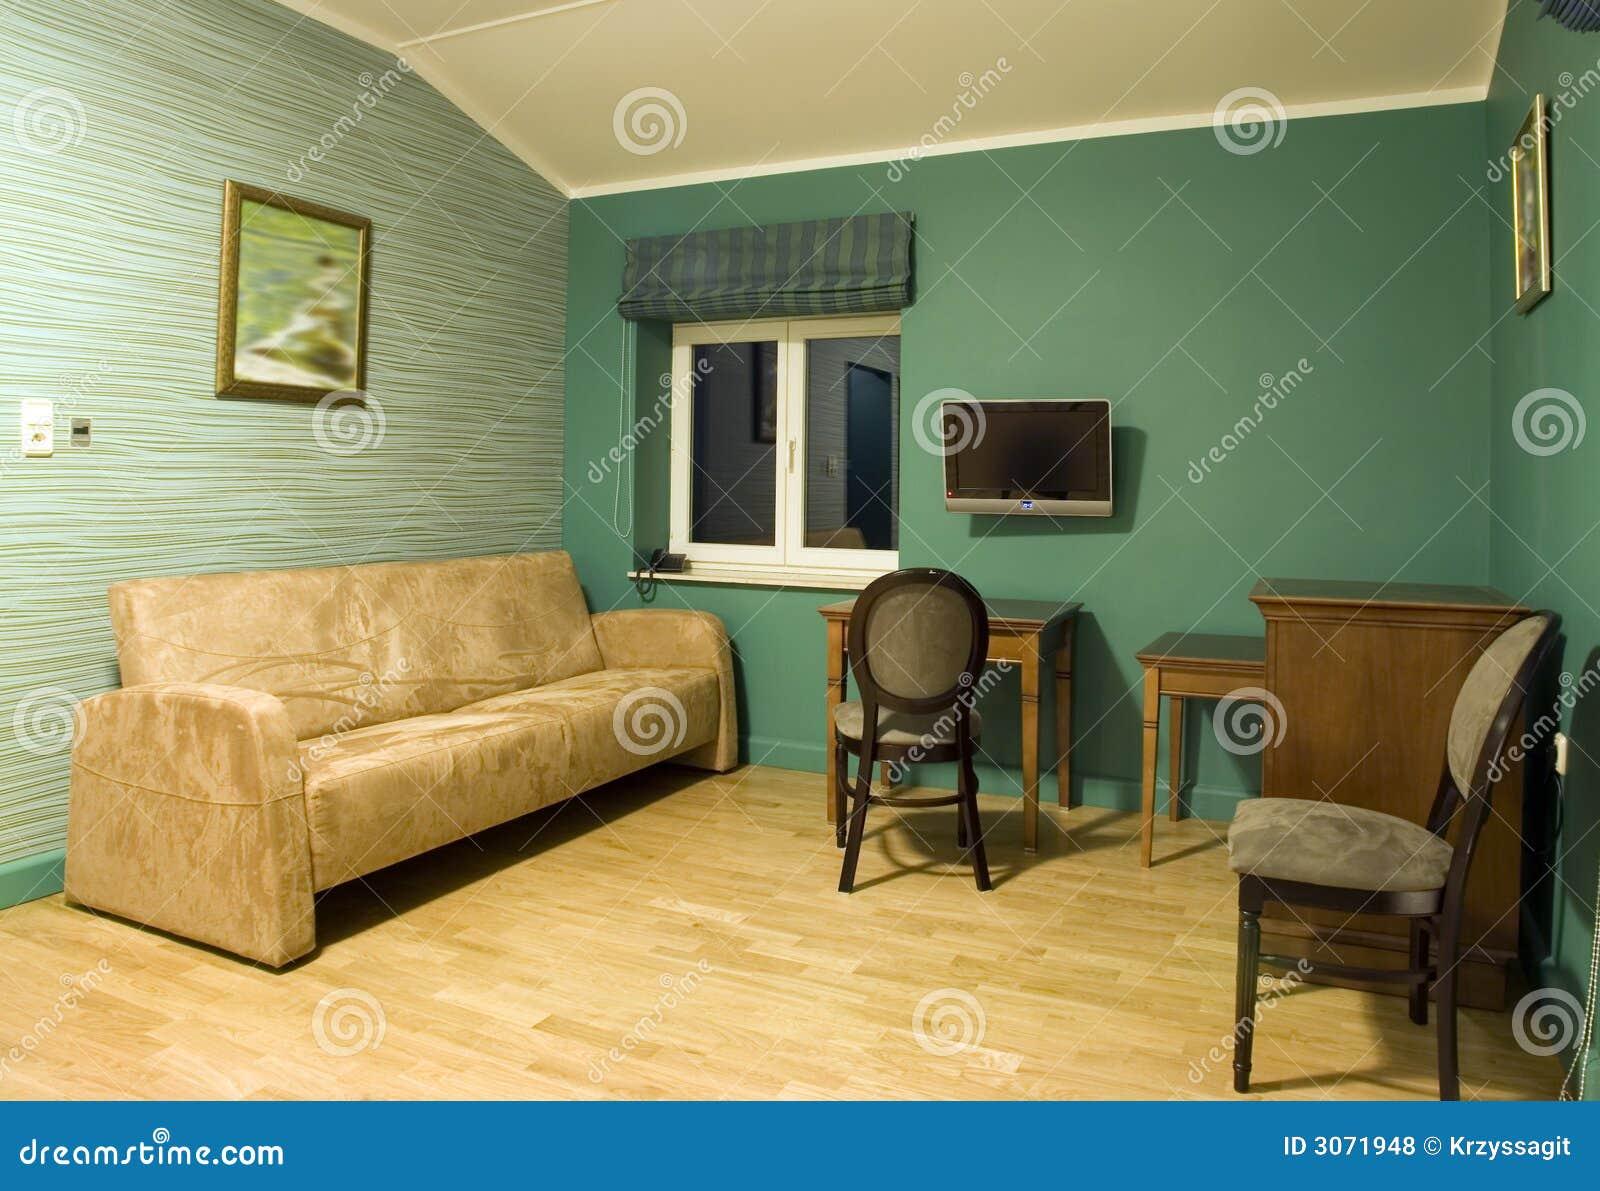 Sala De Estar Com Verde ~ Sala De Estar Verde Fotos de archivo libres de regalías  Imagen